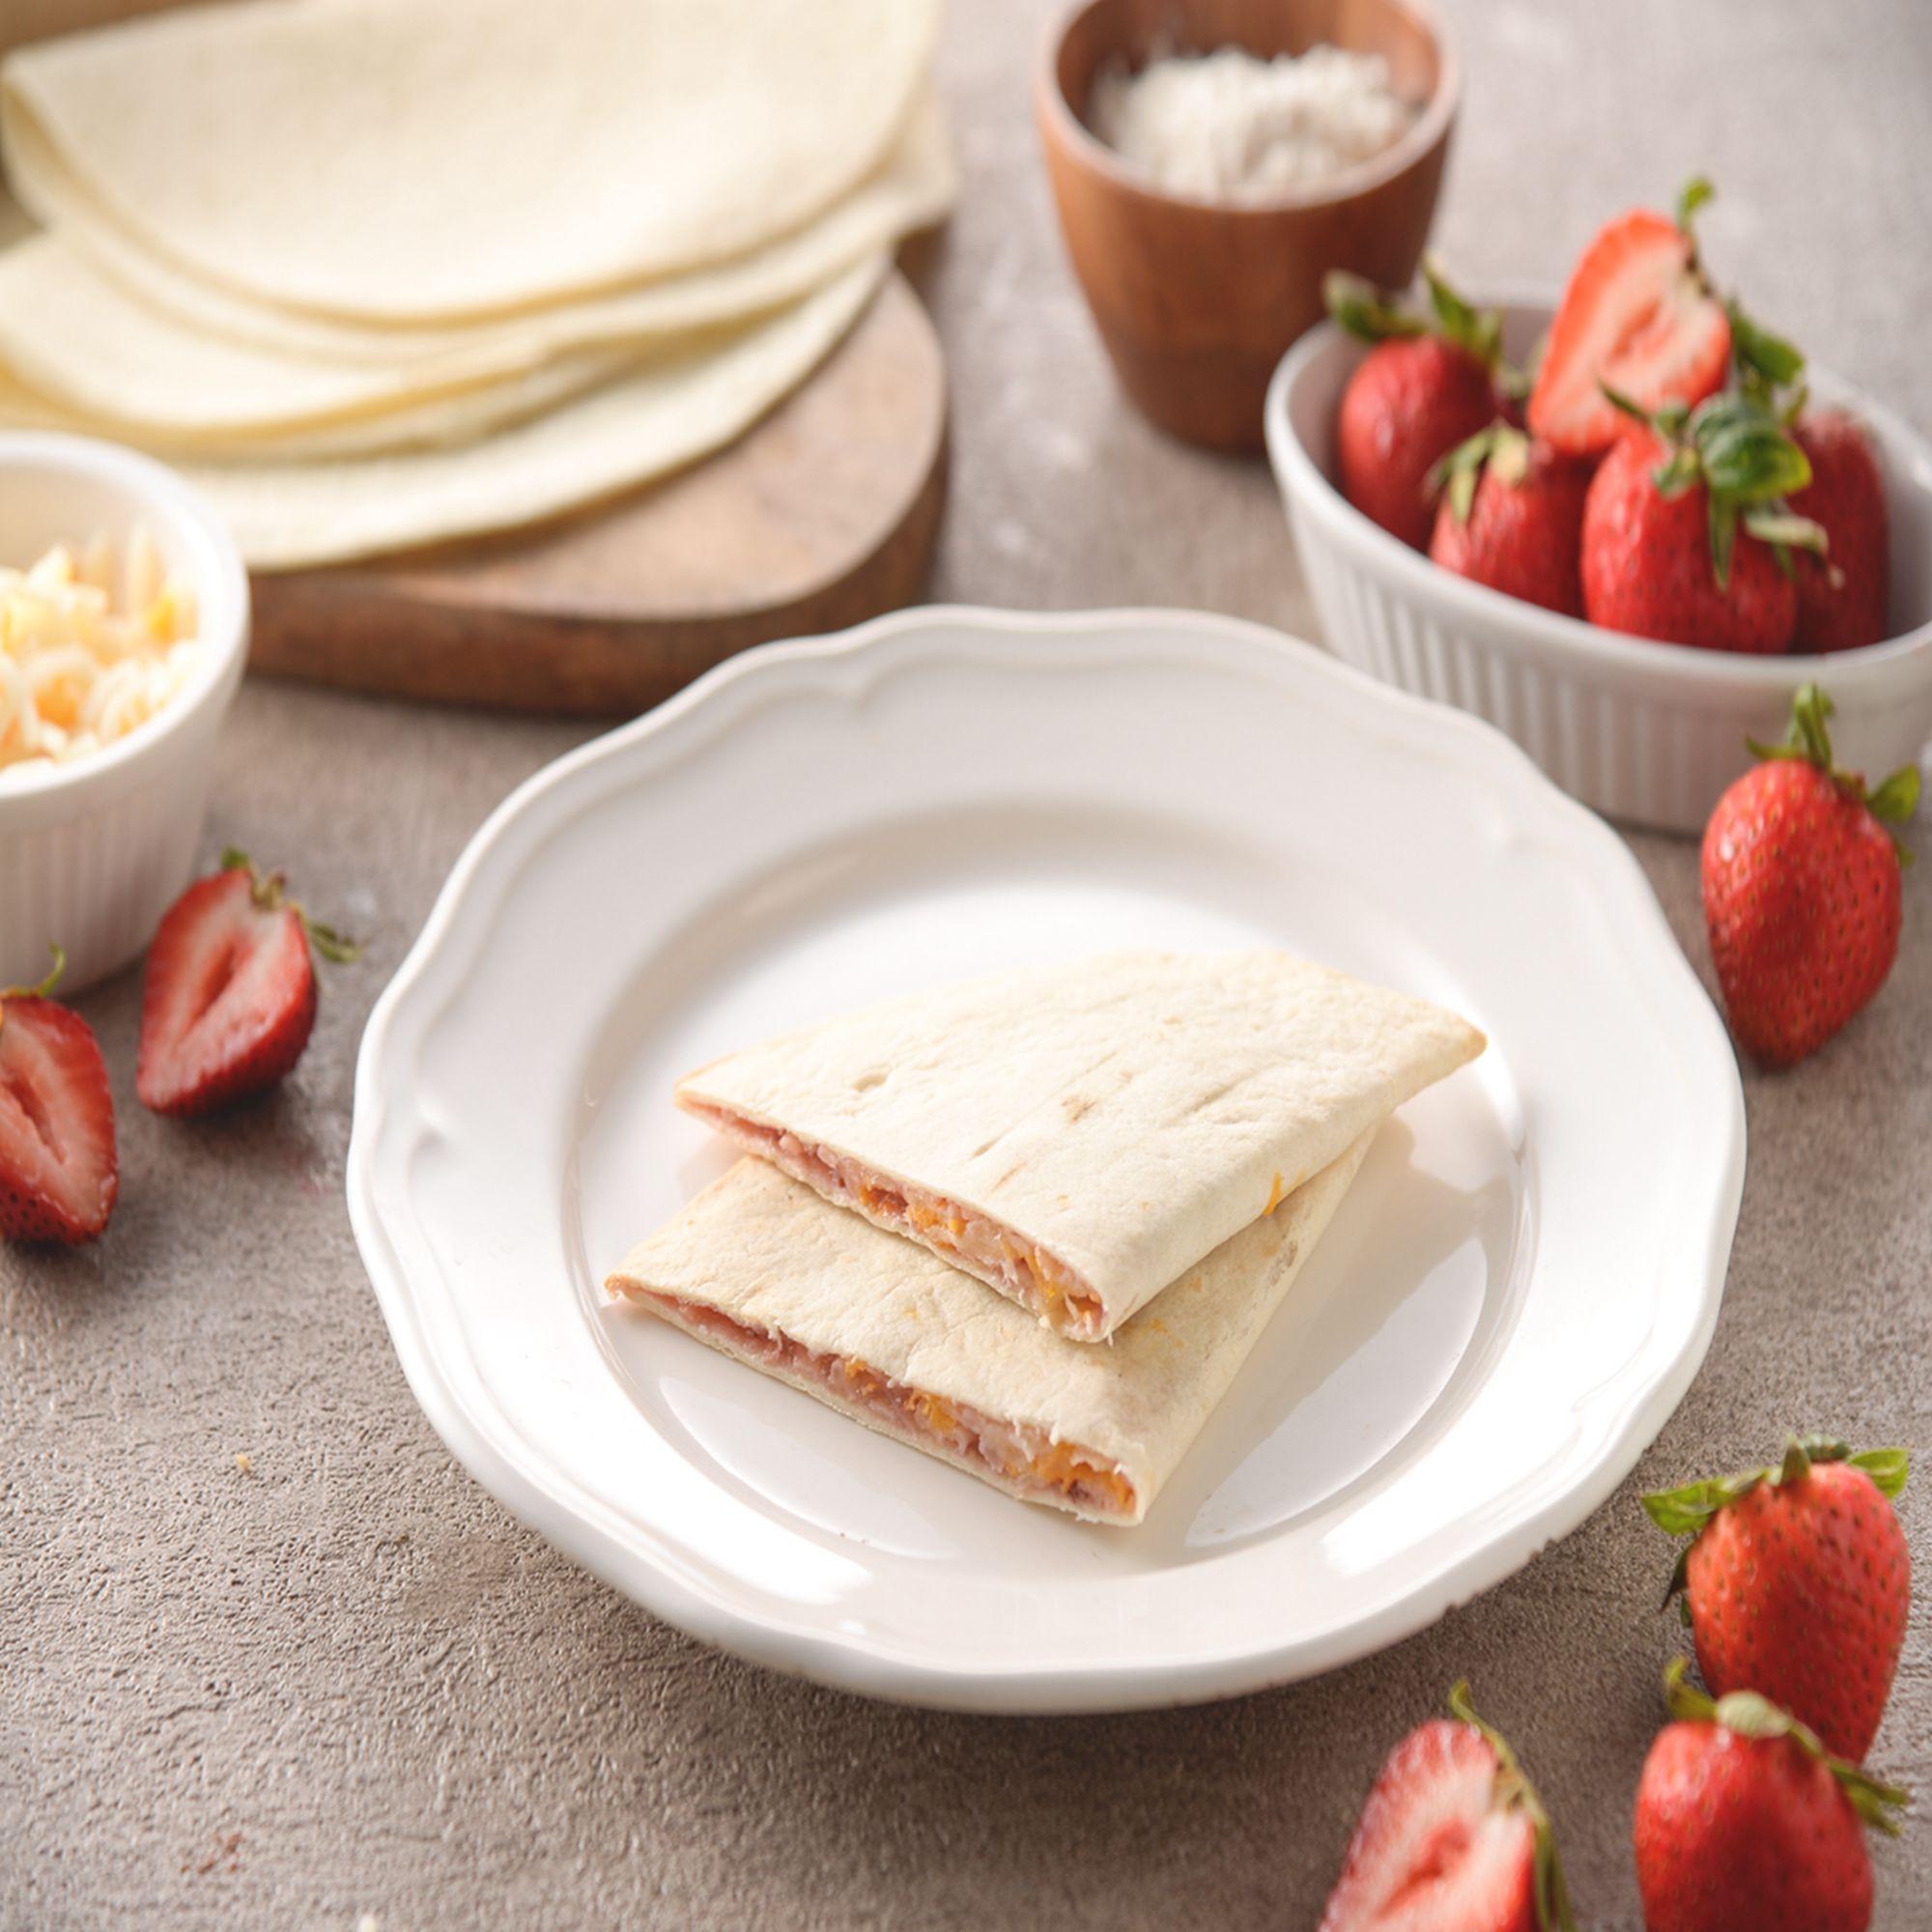 低卡脆皮義式起司烤餅【甜口味|13入】 加熱點心 微波食品 簡單料理 17新鮮美味坊